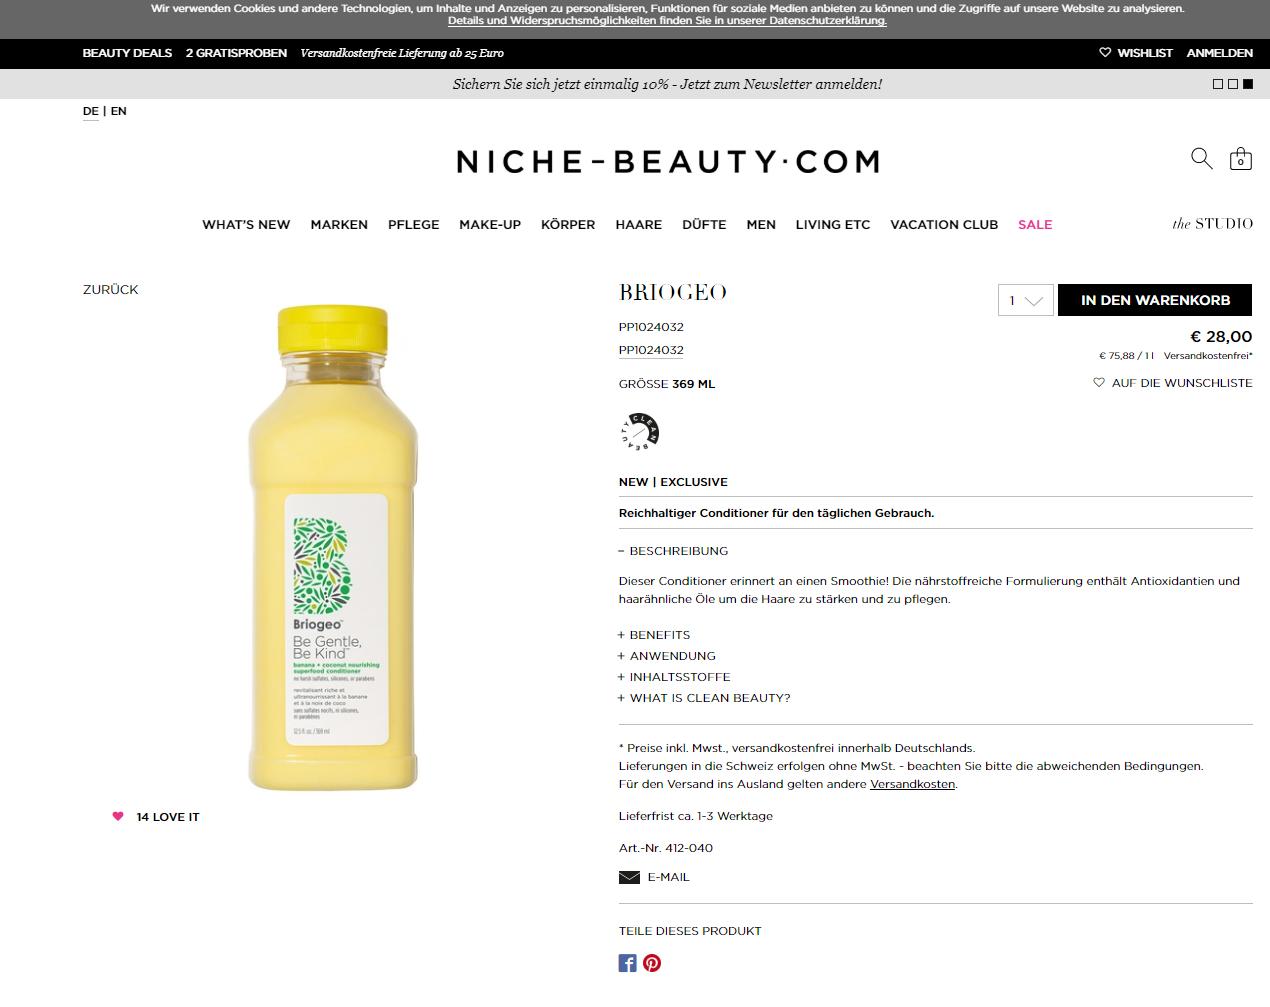 Produktbeschreibung Beispiel Kosmetik